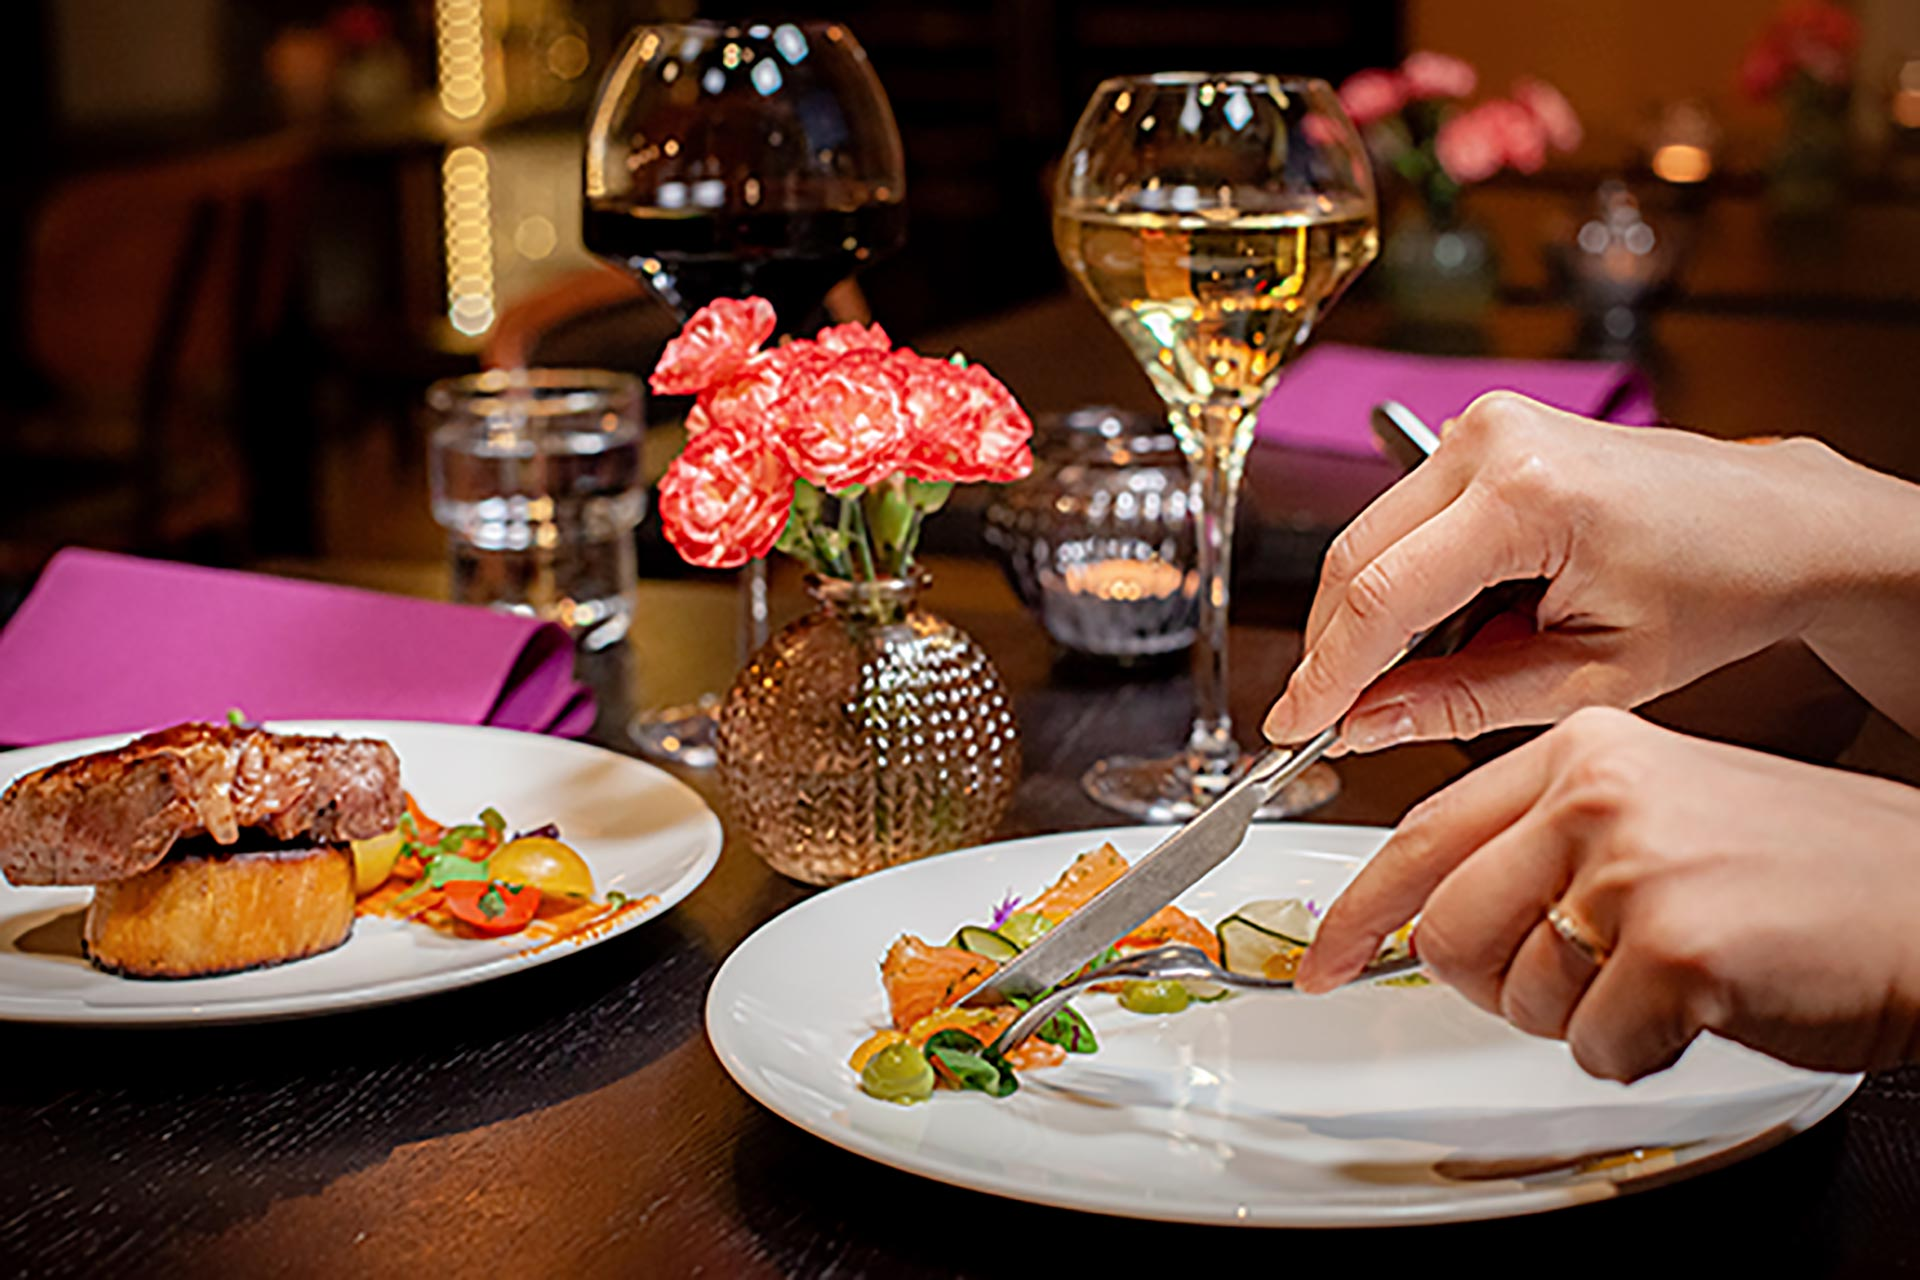 Värikäs alkuruoka, pääruoka ja viinilasit tunnelmallisessa ravintolassa Espoossa.